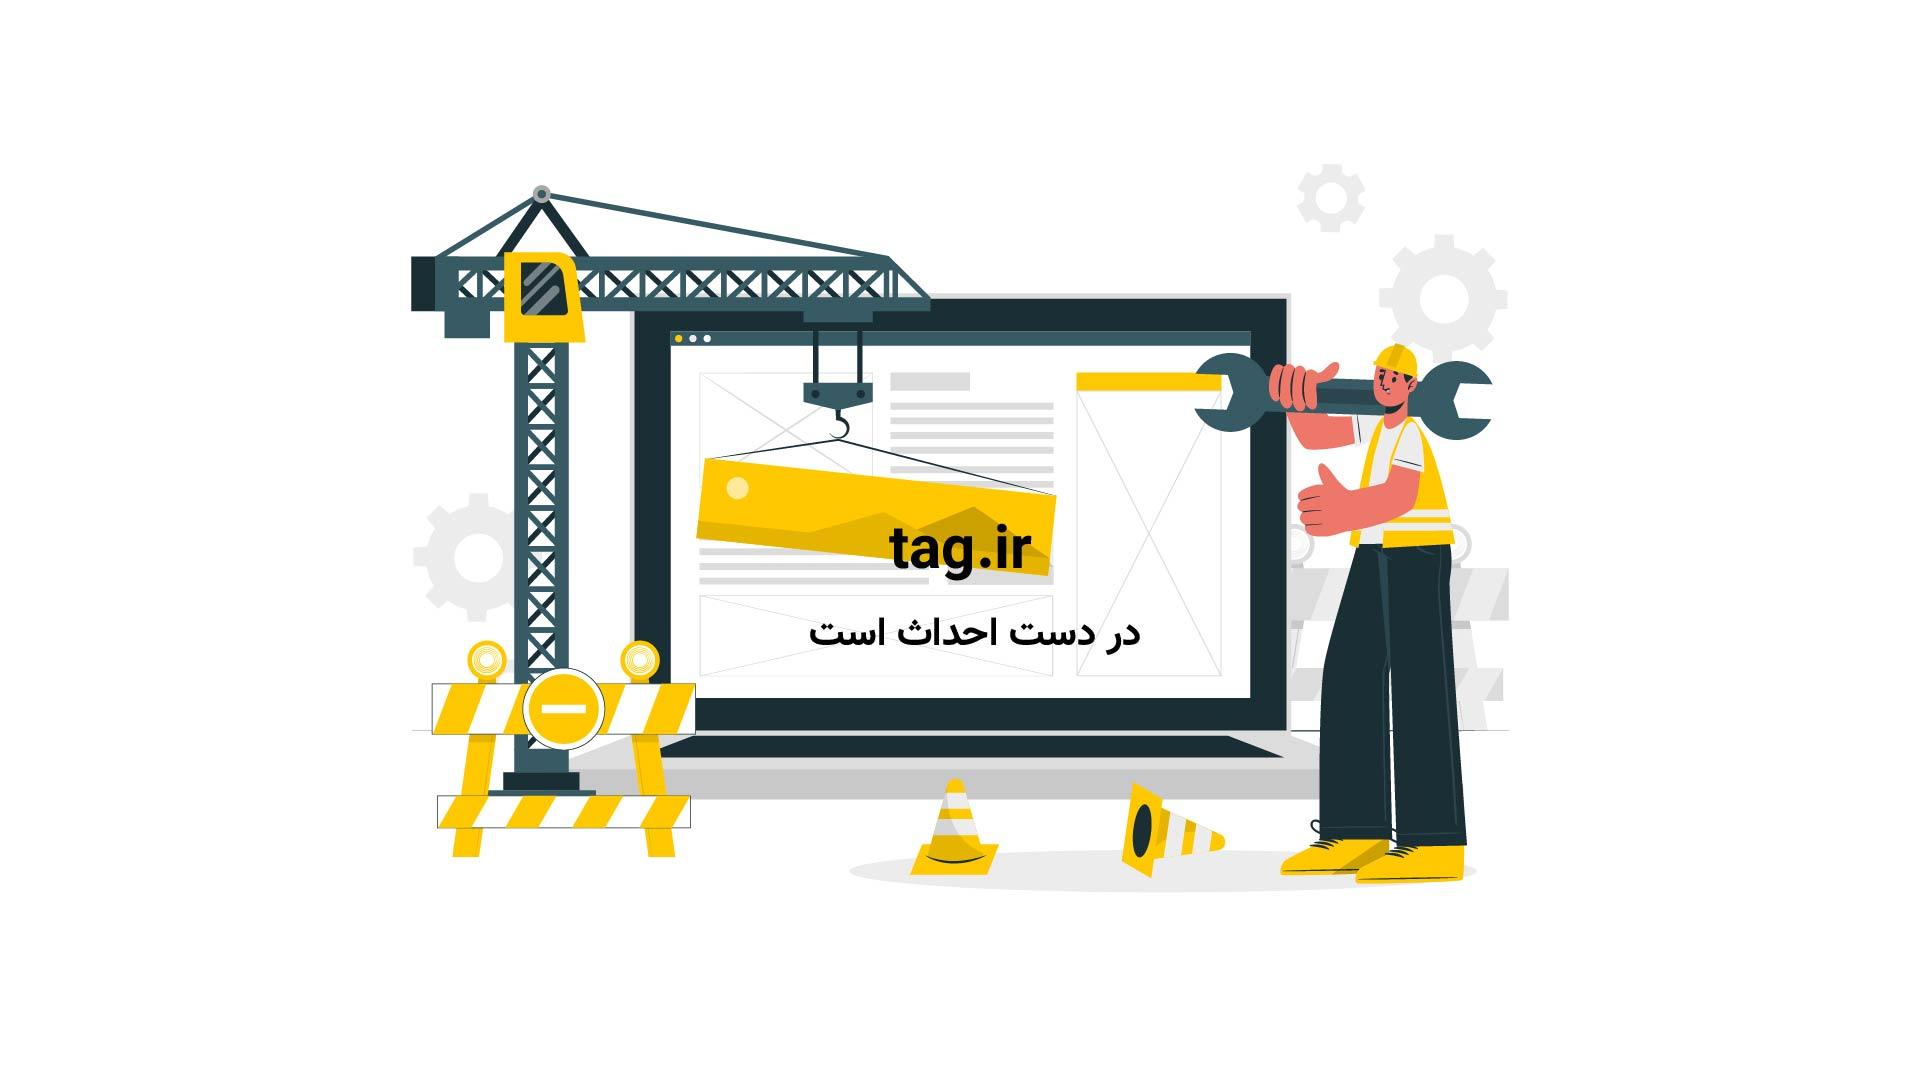 دلیل واقعی ترافیک چیست | فیلم